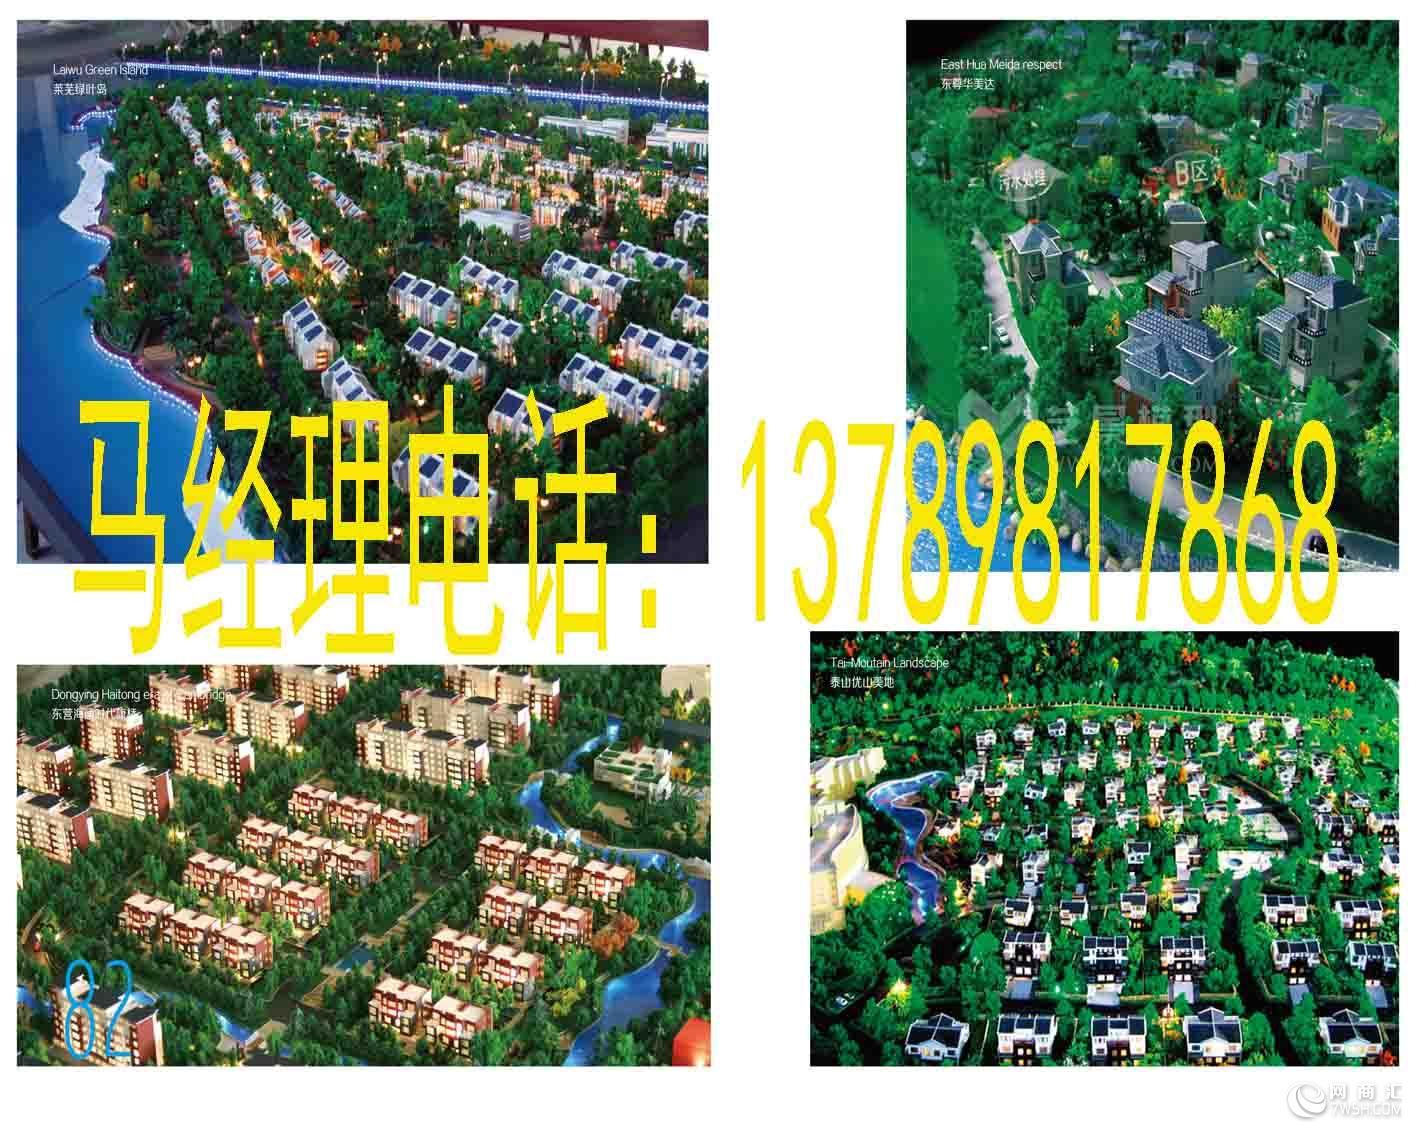 济南建筑沙盘模型马经理电话:13505313187;QQ:164686767下设模型设计、模型制图、模型电脑雕刻、建筑模型单体、绿化景观沙盘、电子沙盘电工、模型喷?#21487;?#33394;、材料采购、木工制作、售后服务、技术开发、运输等部门,并且常年保持员工数量的稳定和增长,从而保障了生产和售后服务的落实,济南建筑沙盘模型在省内模型行业率先引进了激光雕刻机,成为省内模型行业唯一拥有激光机的企业,也使建筑模型制作工艺更上一层楼,为精巧设计、精工制作多种高水平的模型打下了坚实的基础。济南建筑沙盘模型公司一如既往地致力于为客户